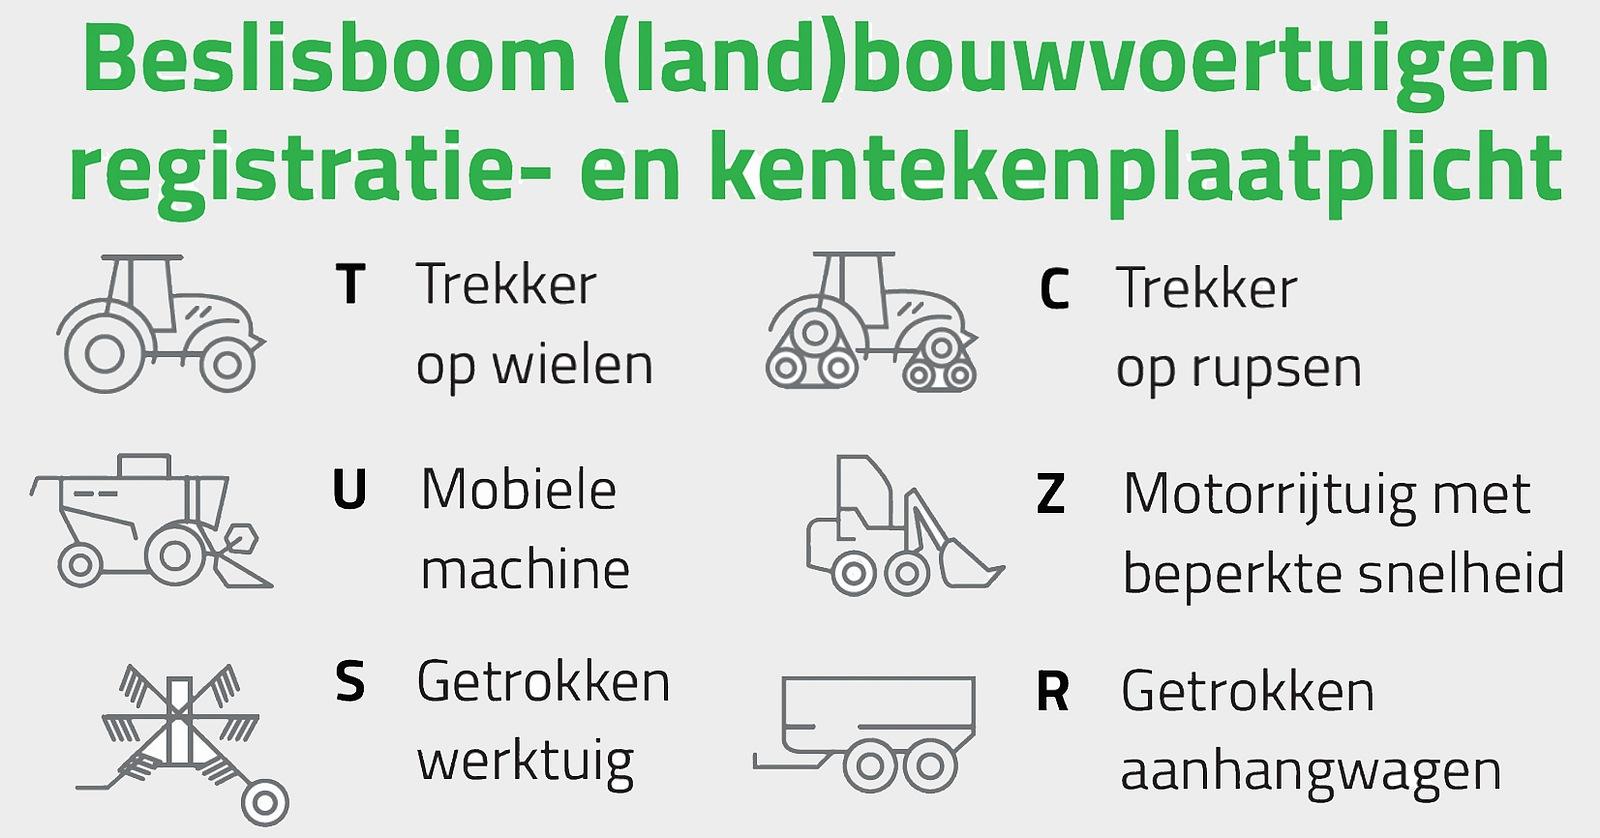 Keuzeschema landbouwkenteken: nieuwe- en bestaande voertuigen